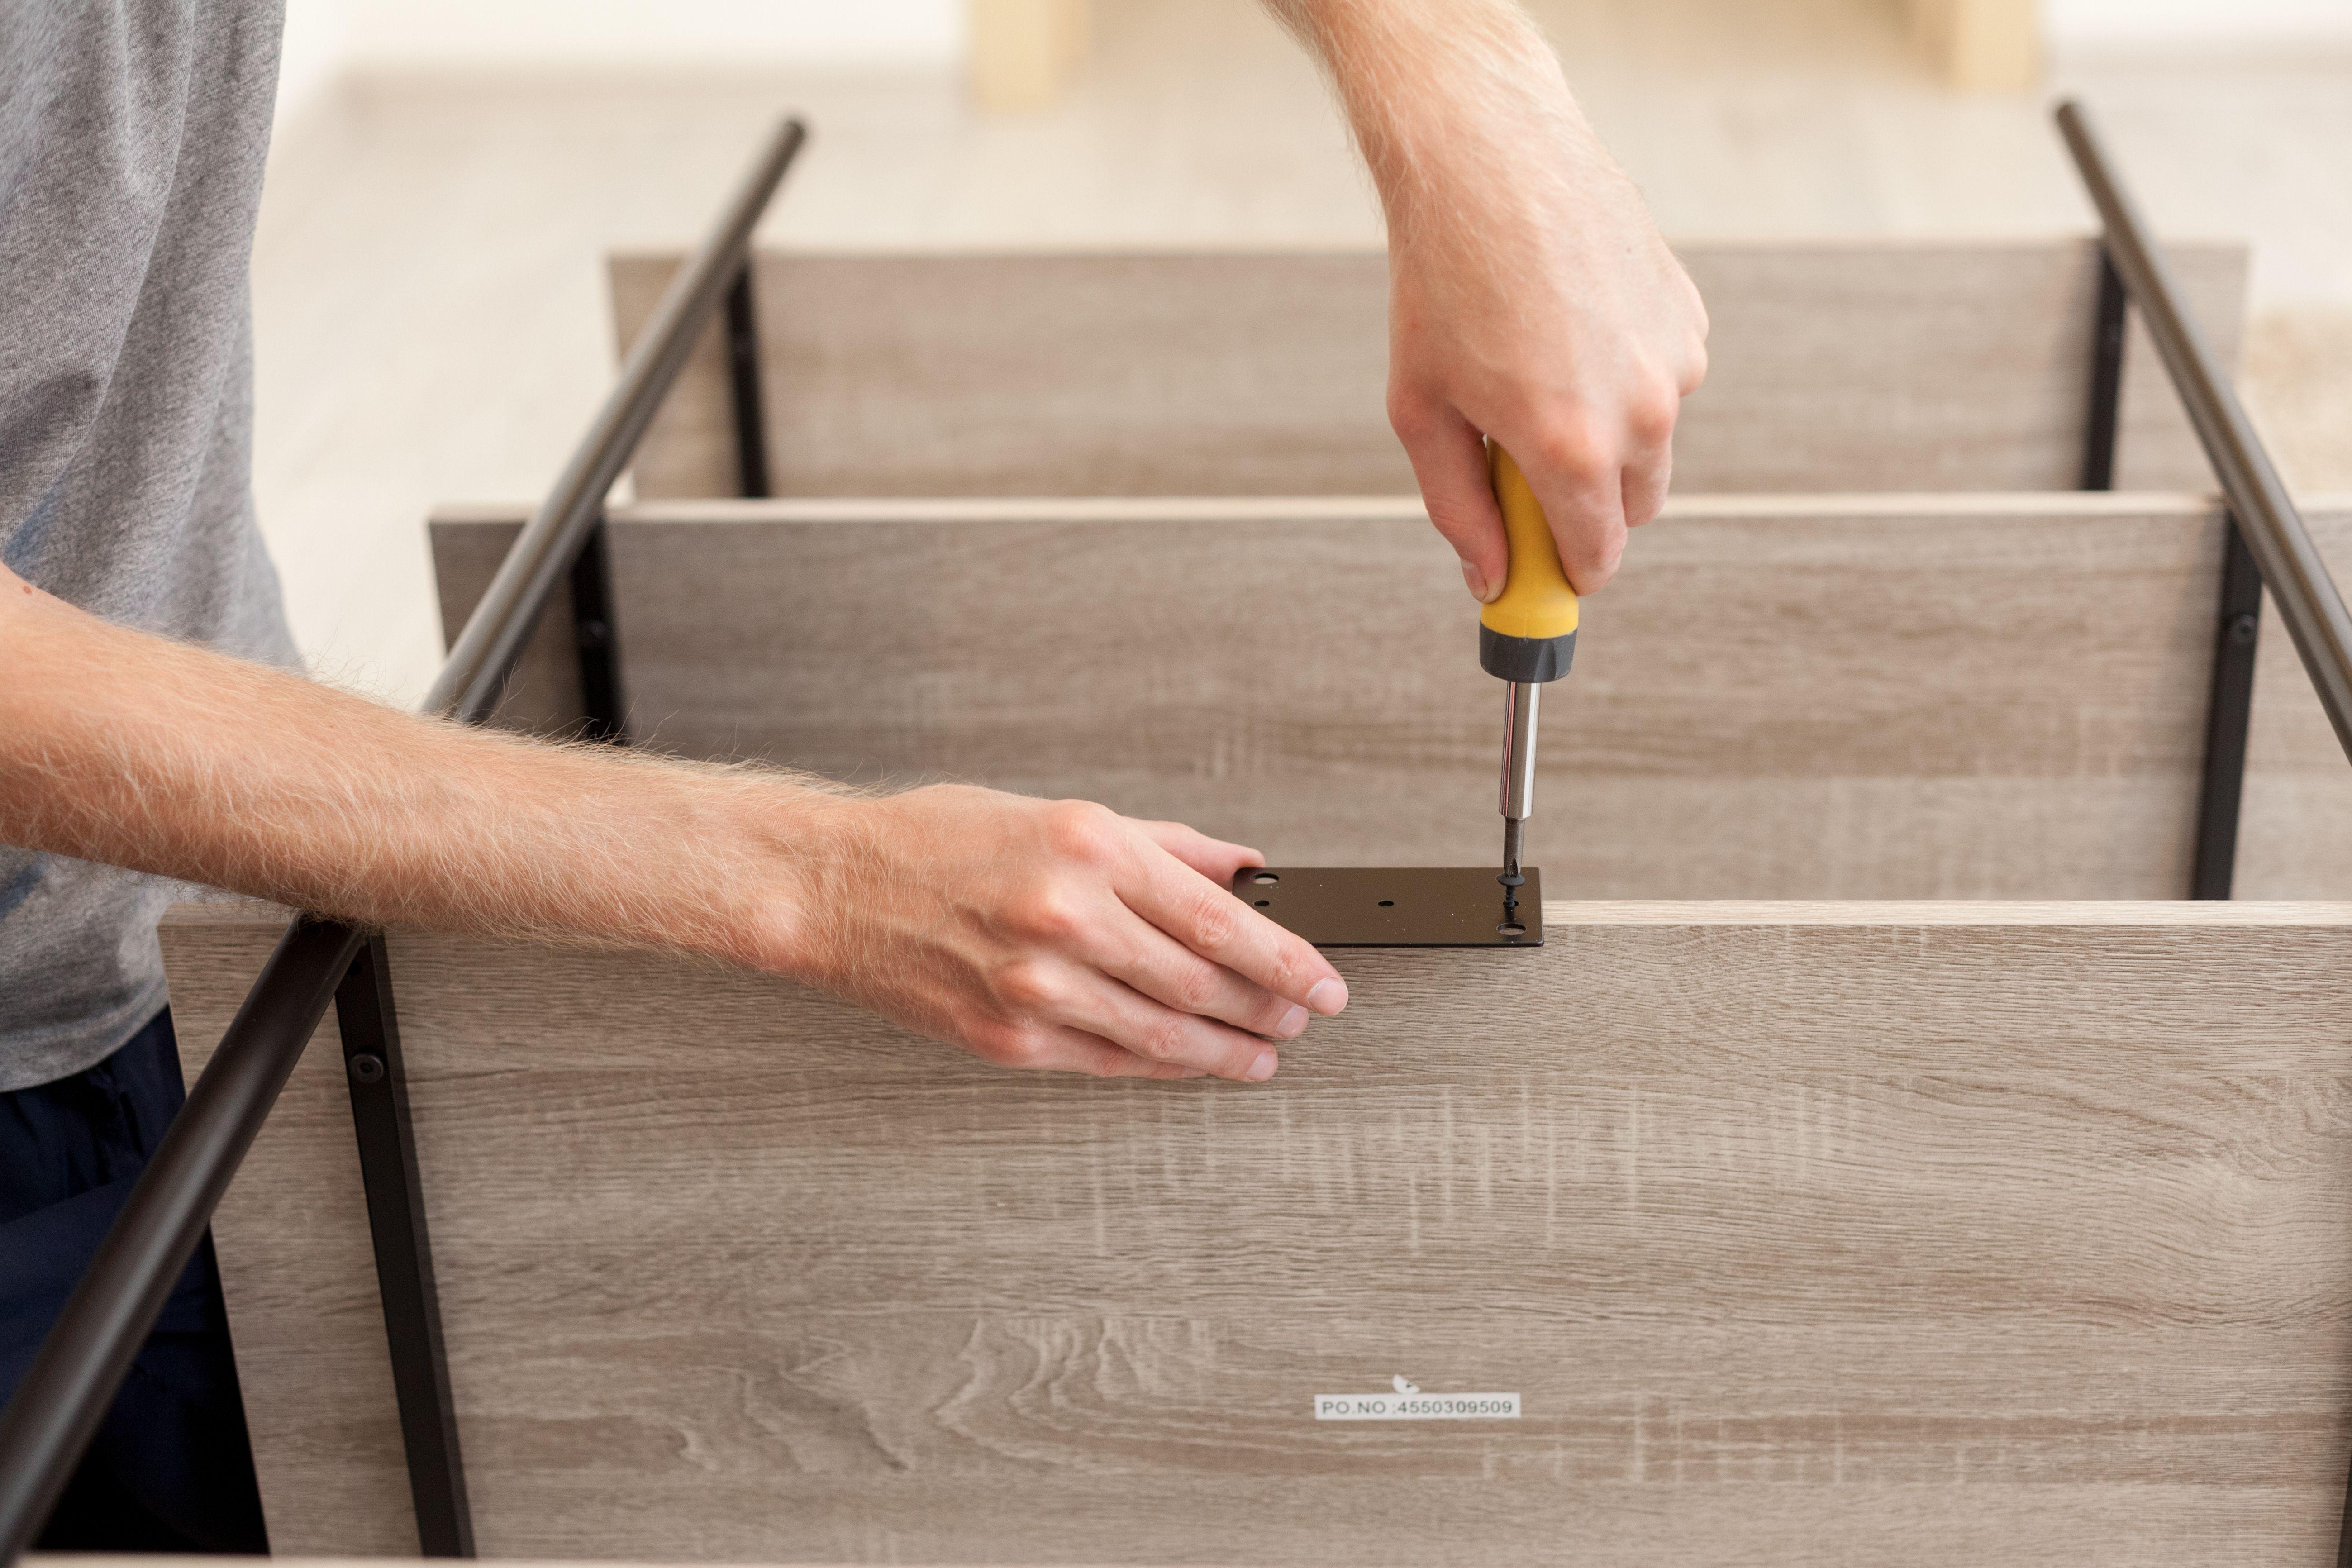 Trabajamos con carpintería: puertas, ventanas, marcos, mobiliario, etc.